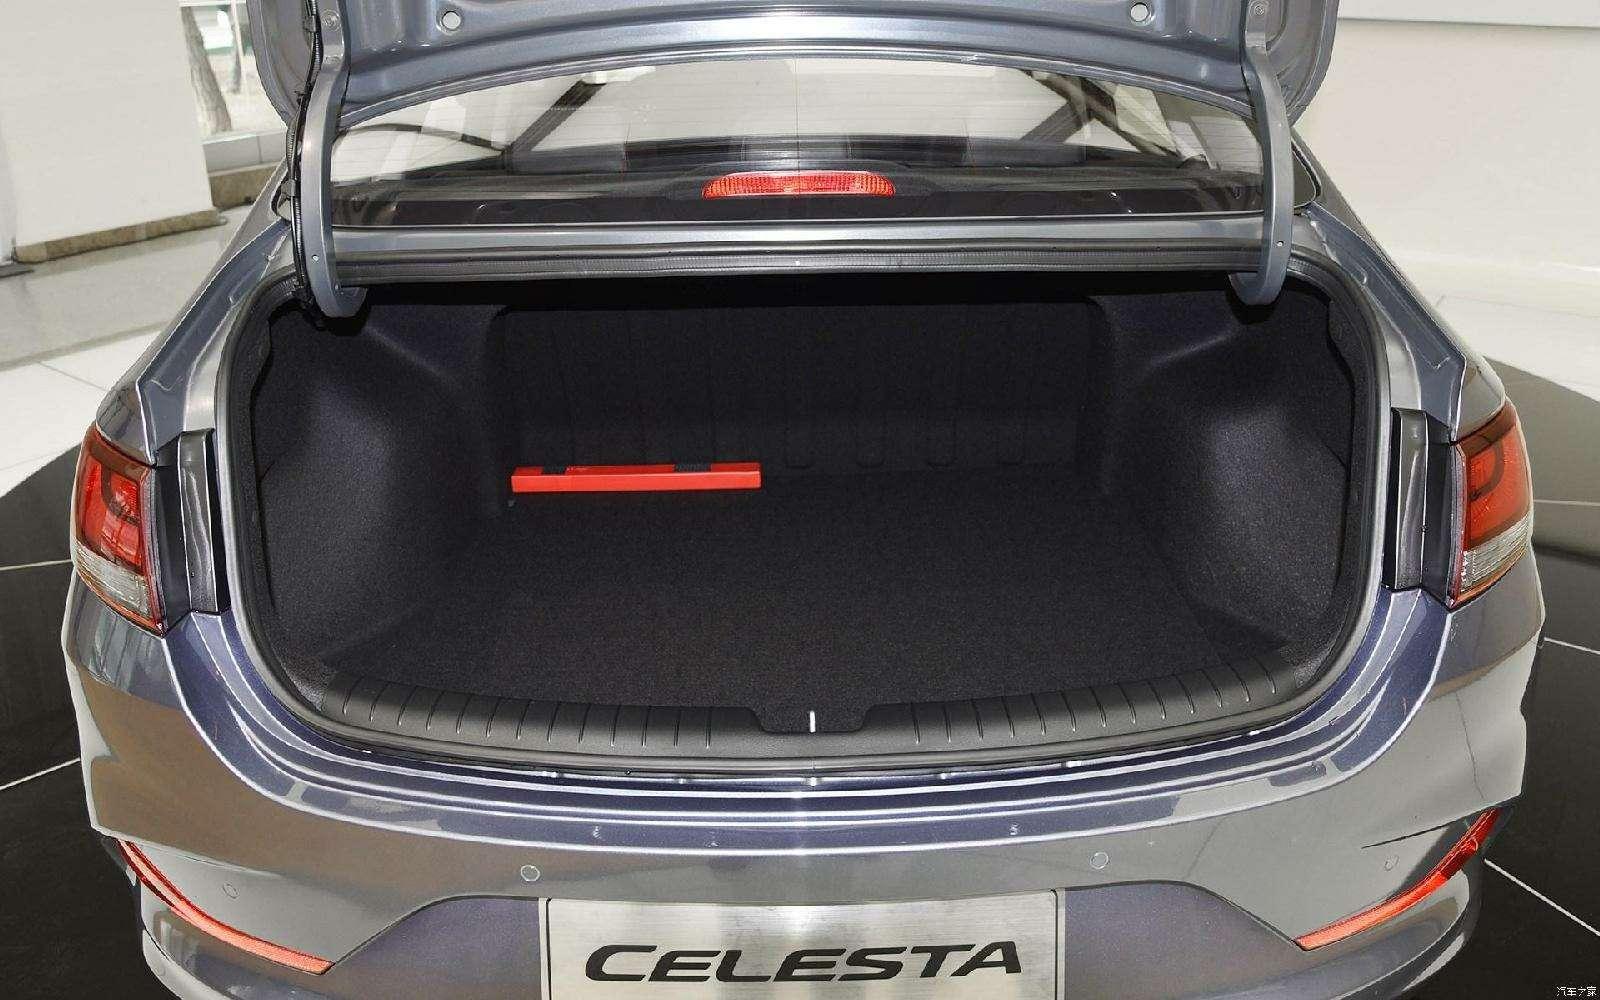 Выросла изСоляриса: Hyundai Celesta метит вбестселлеры— фото 724831